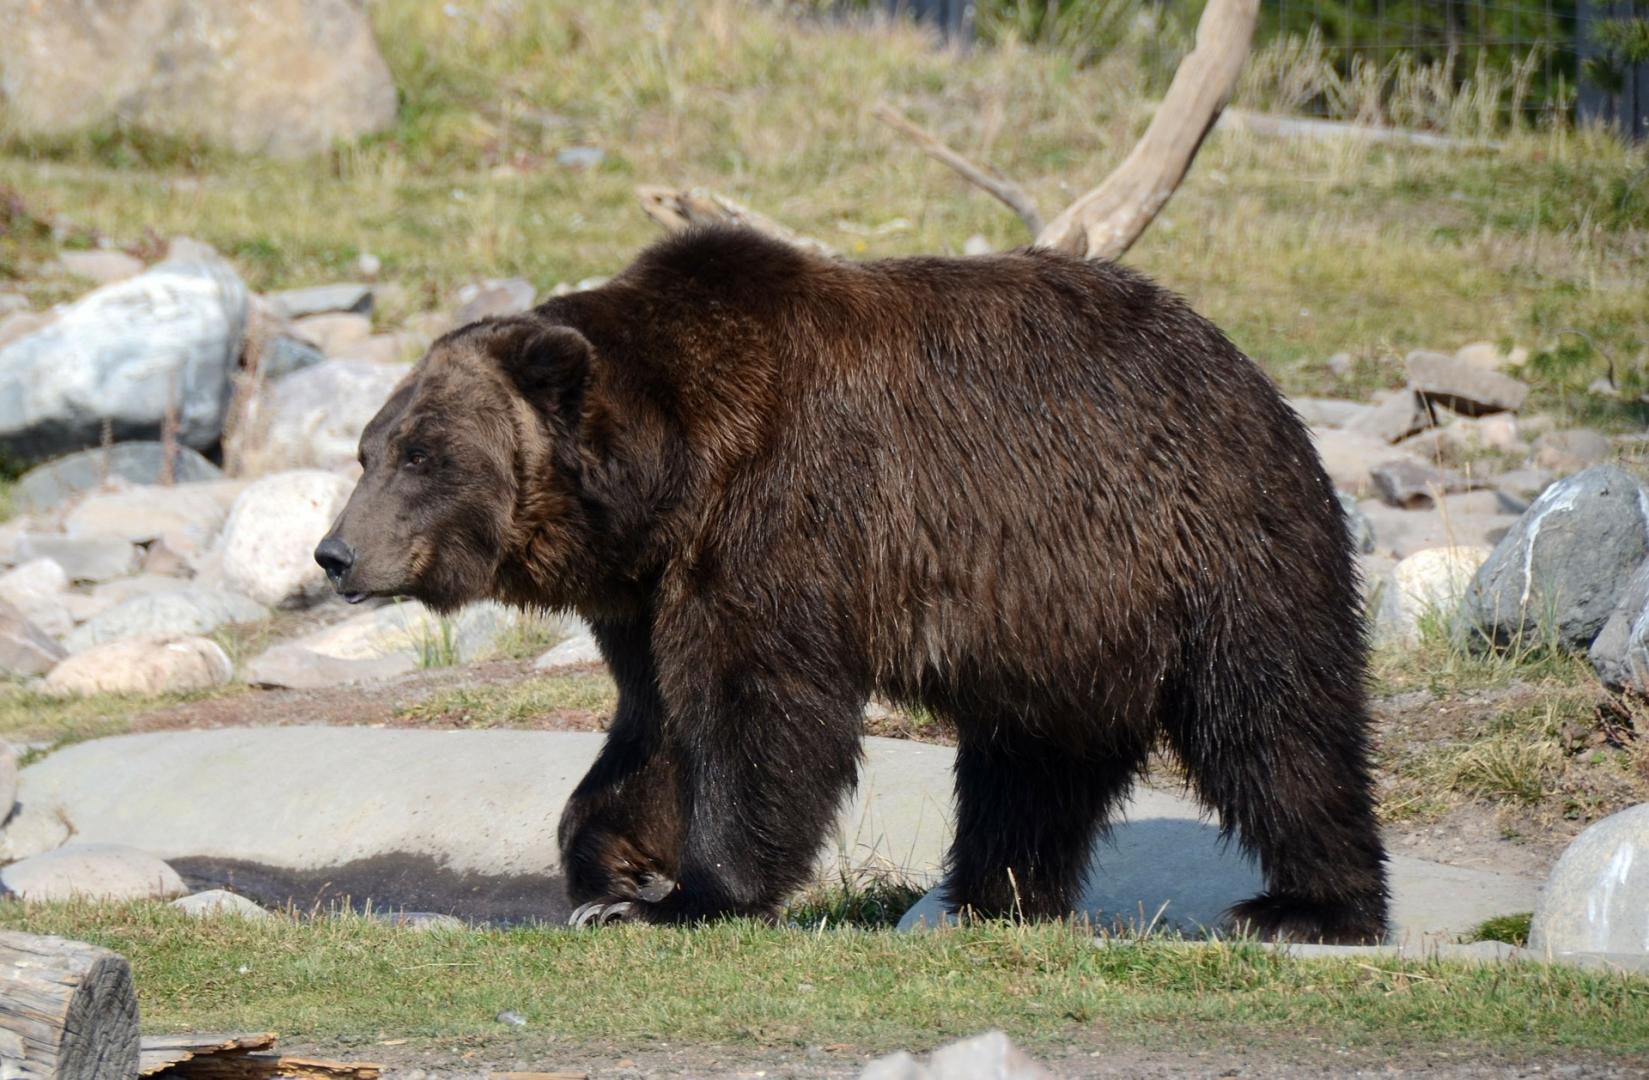 есть члан медведя фото предполагают, что причиной